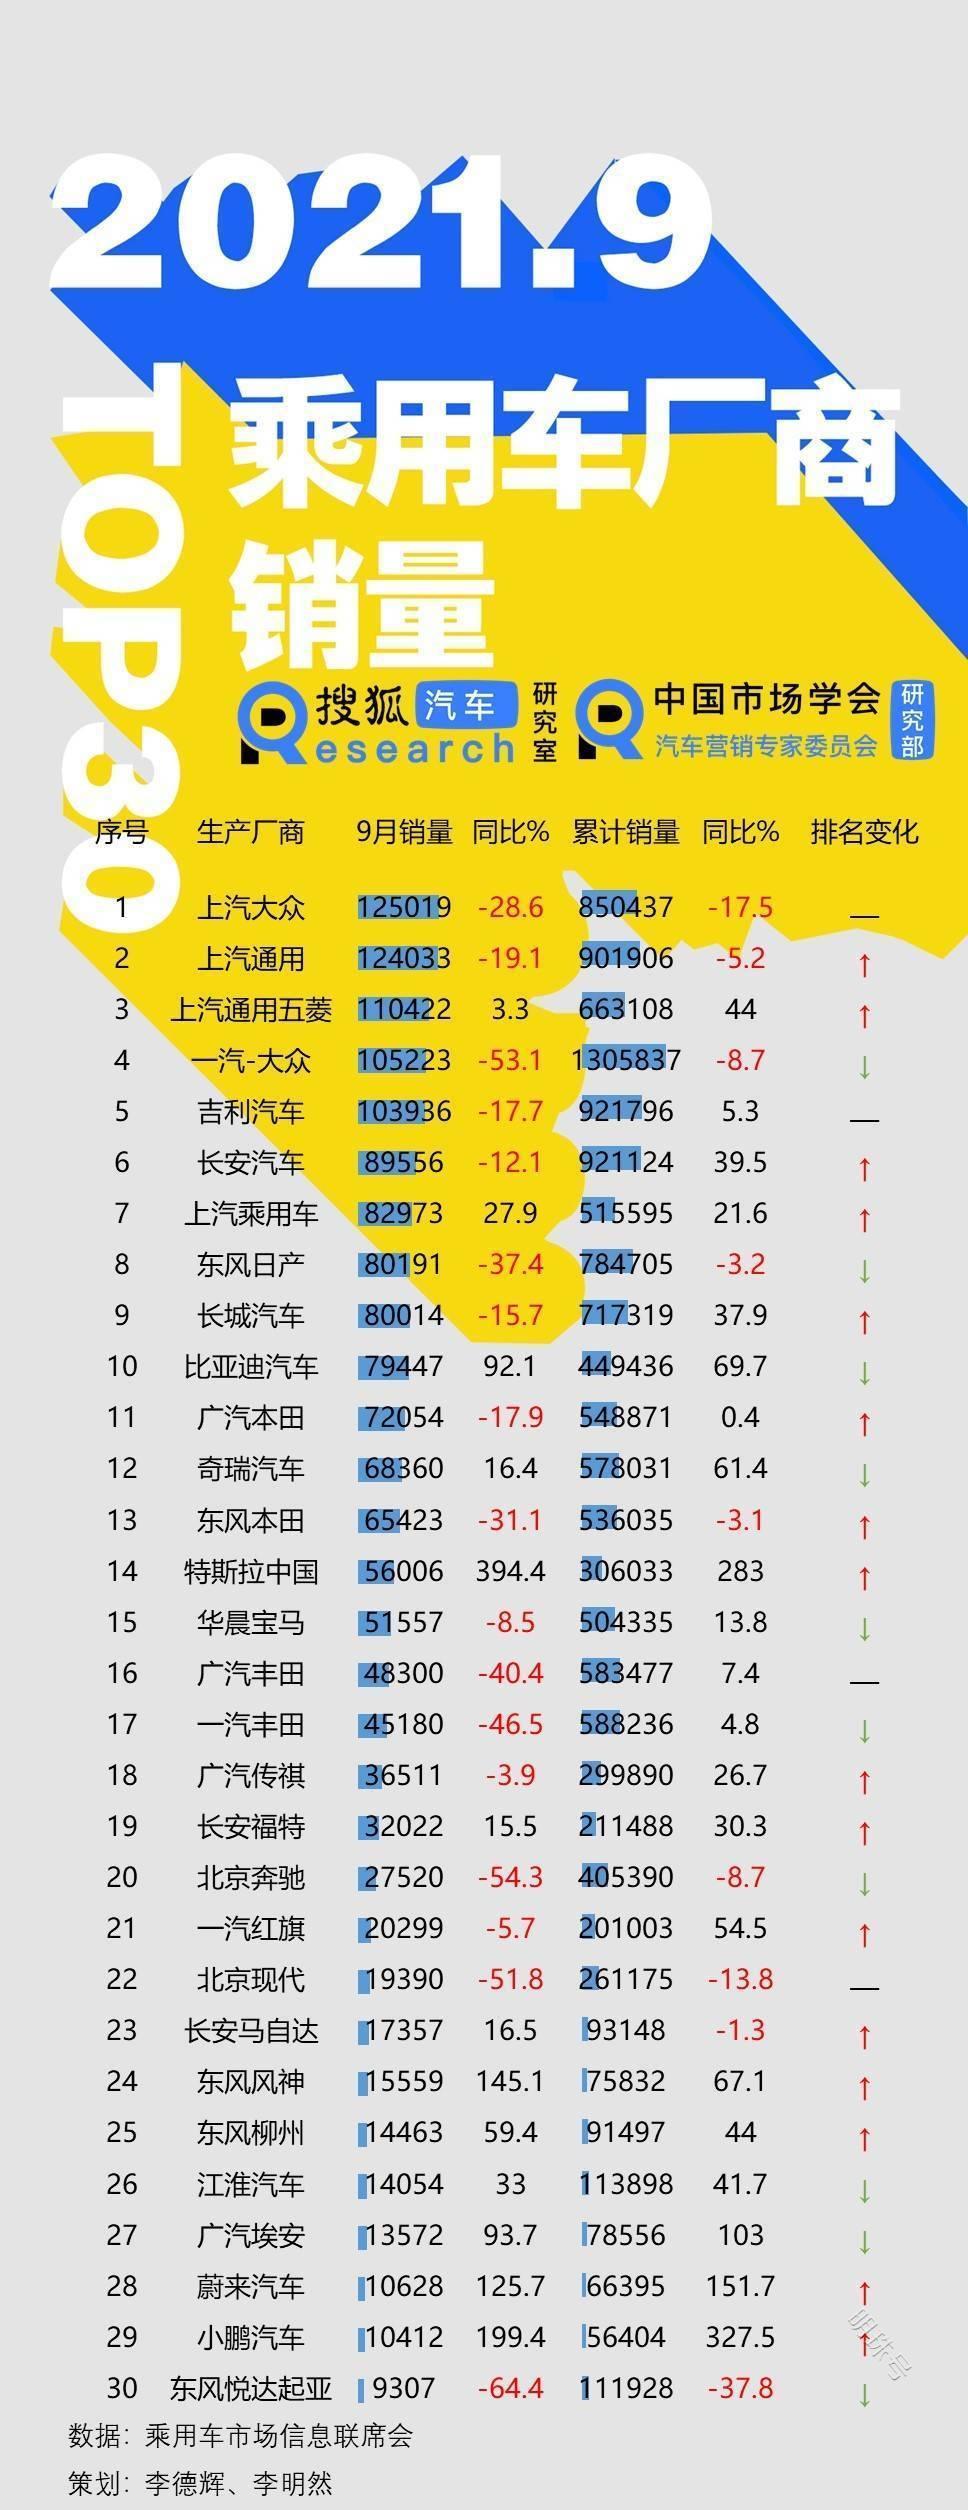 9月乘用车厂商批发销量top30:长安马自达1.7万辆